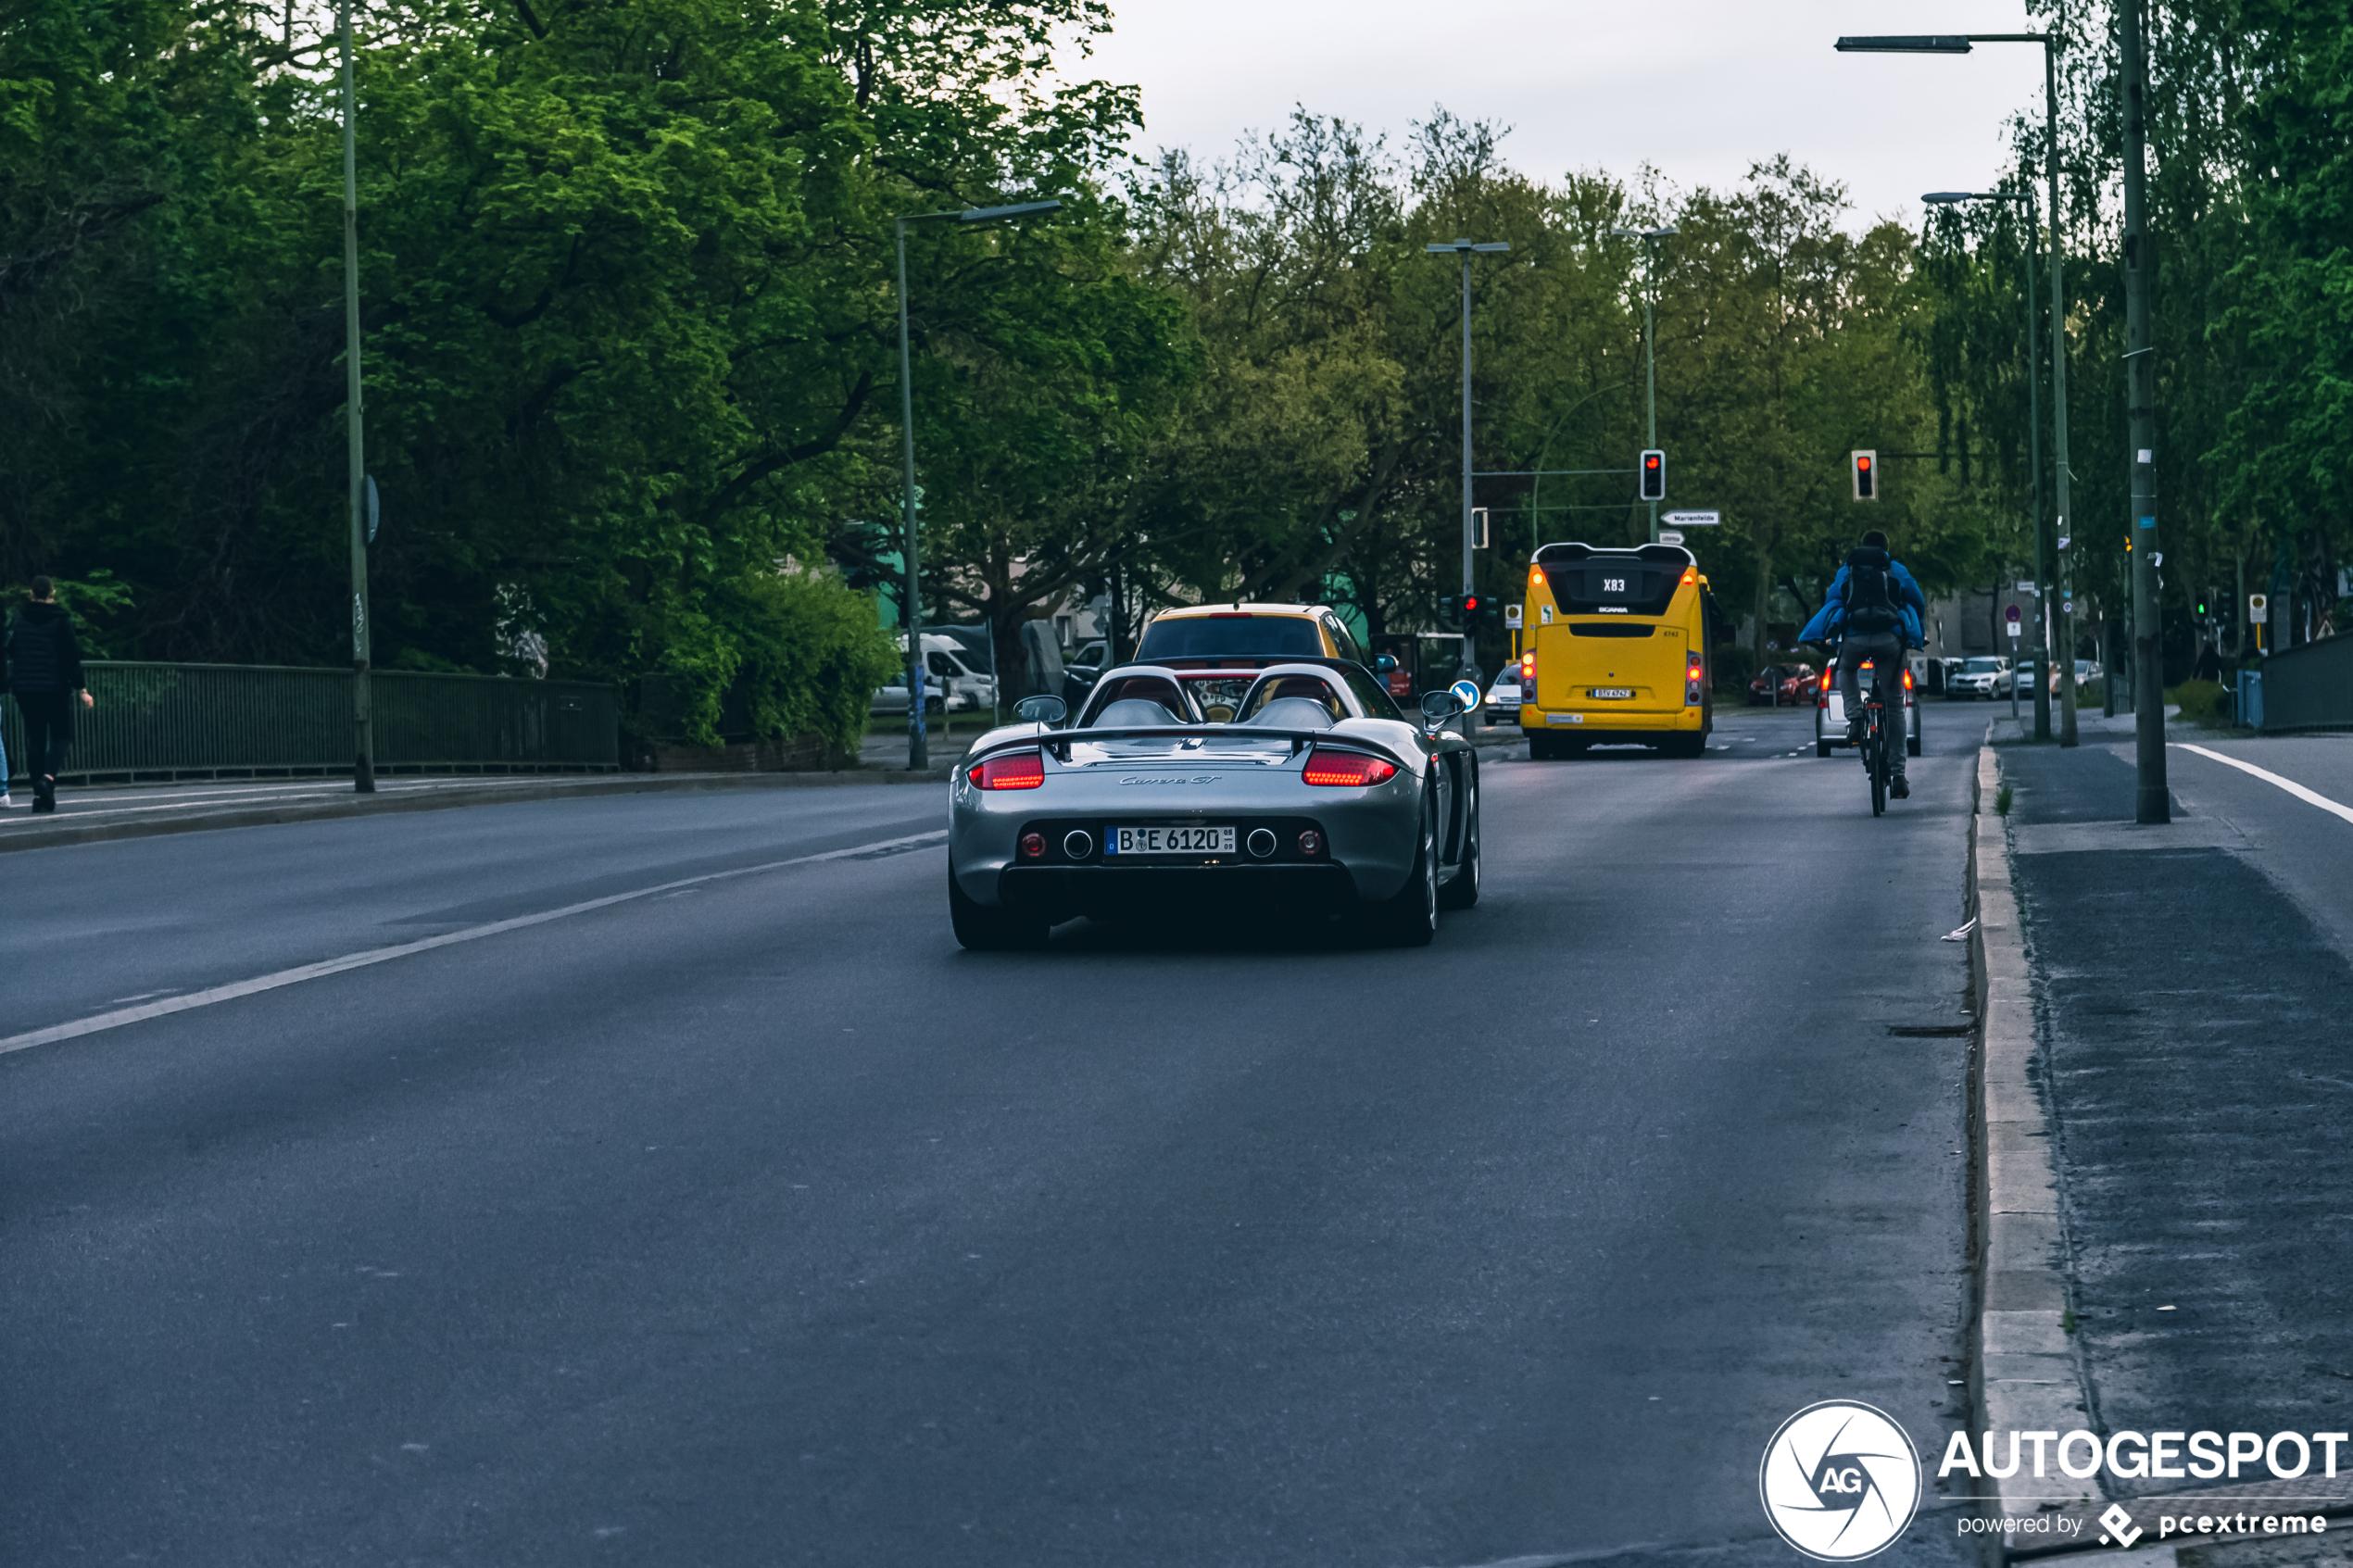 Porsche Carrera GT verdient gewoon altijd de aandacht